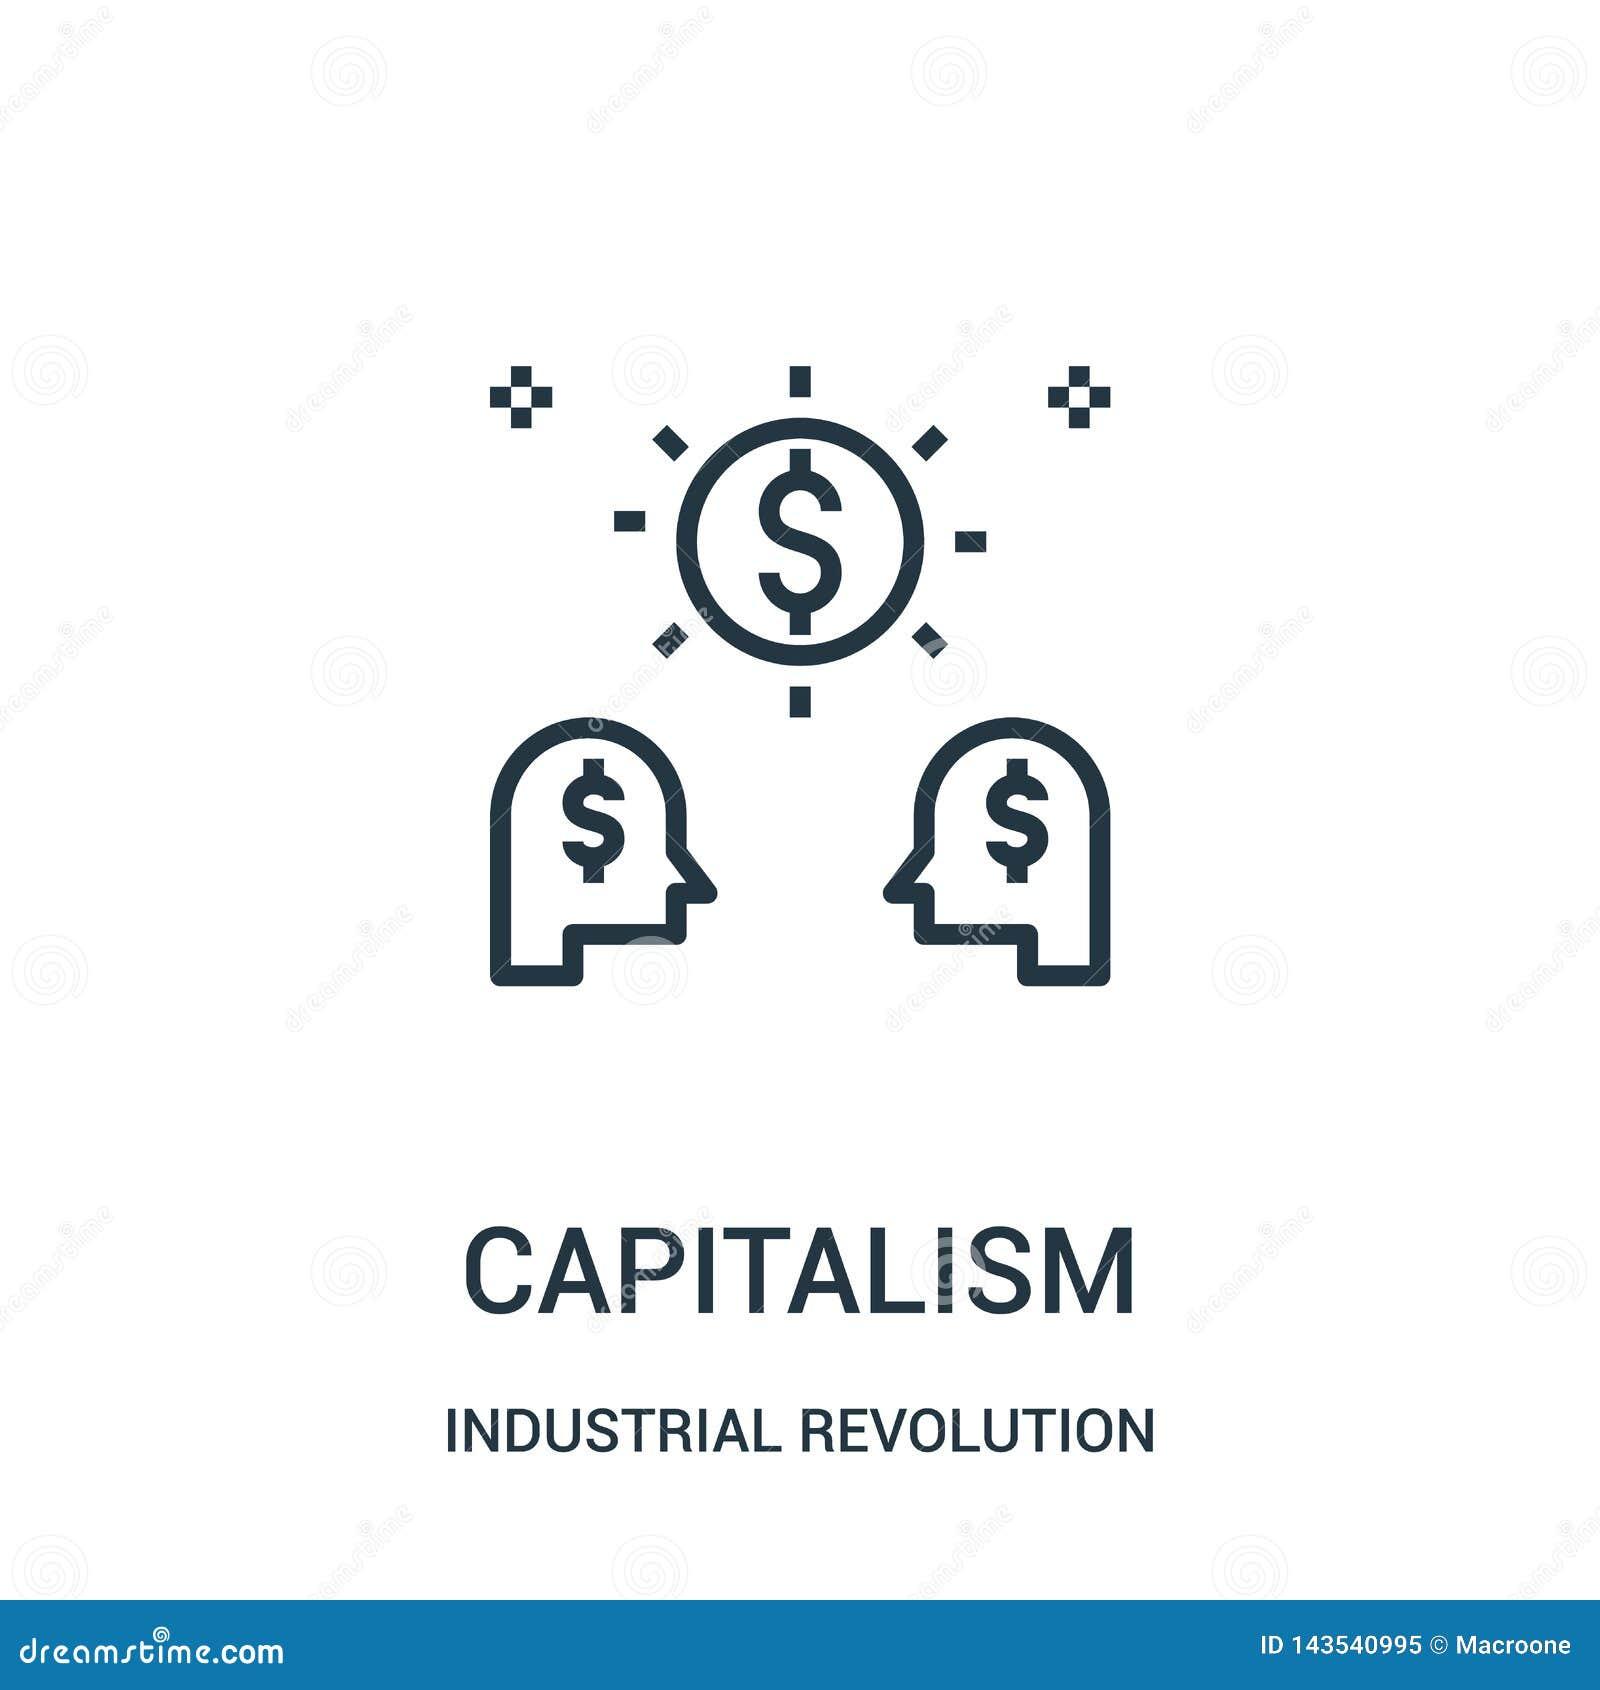 вектор значка капитализма от собрания промышленного переворота Тонкая линия иллюстрация вектора значка плана капитализма